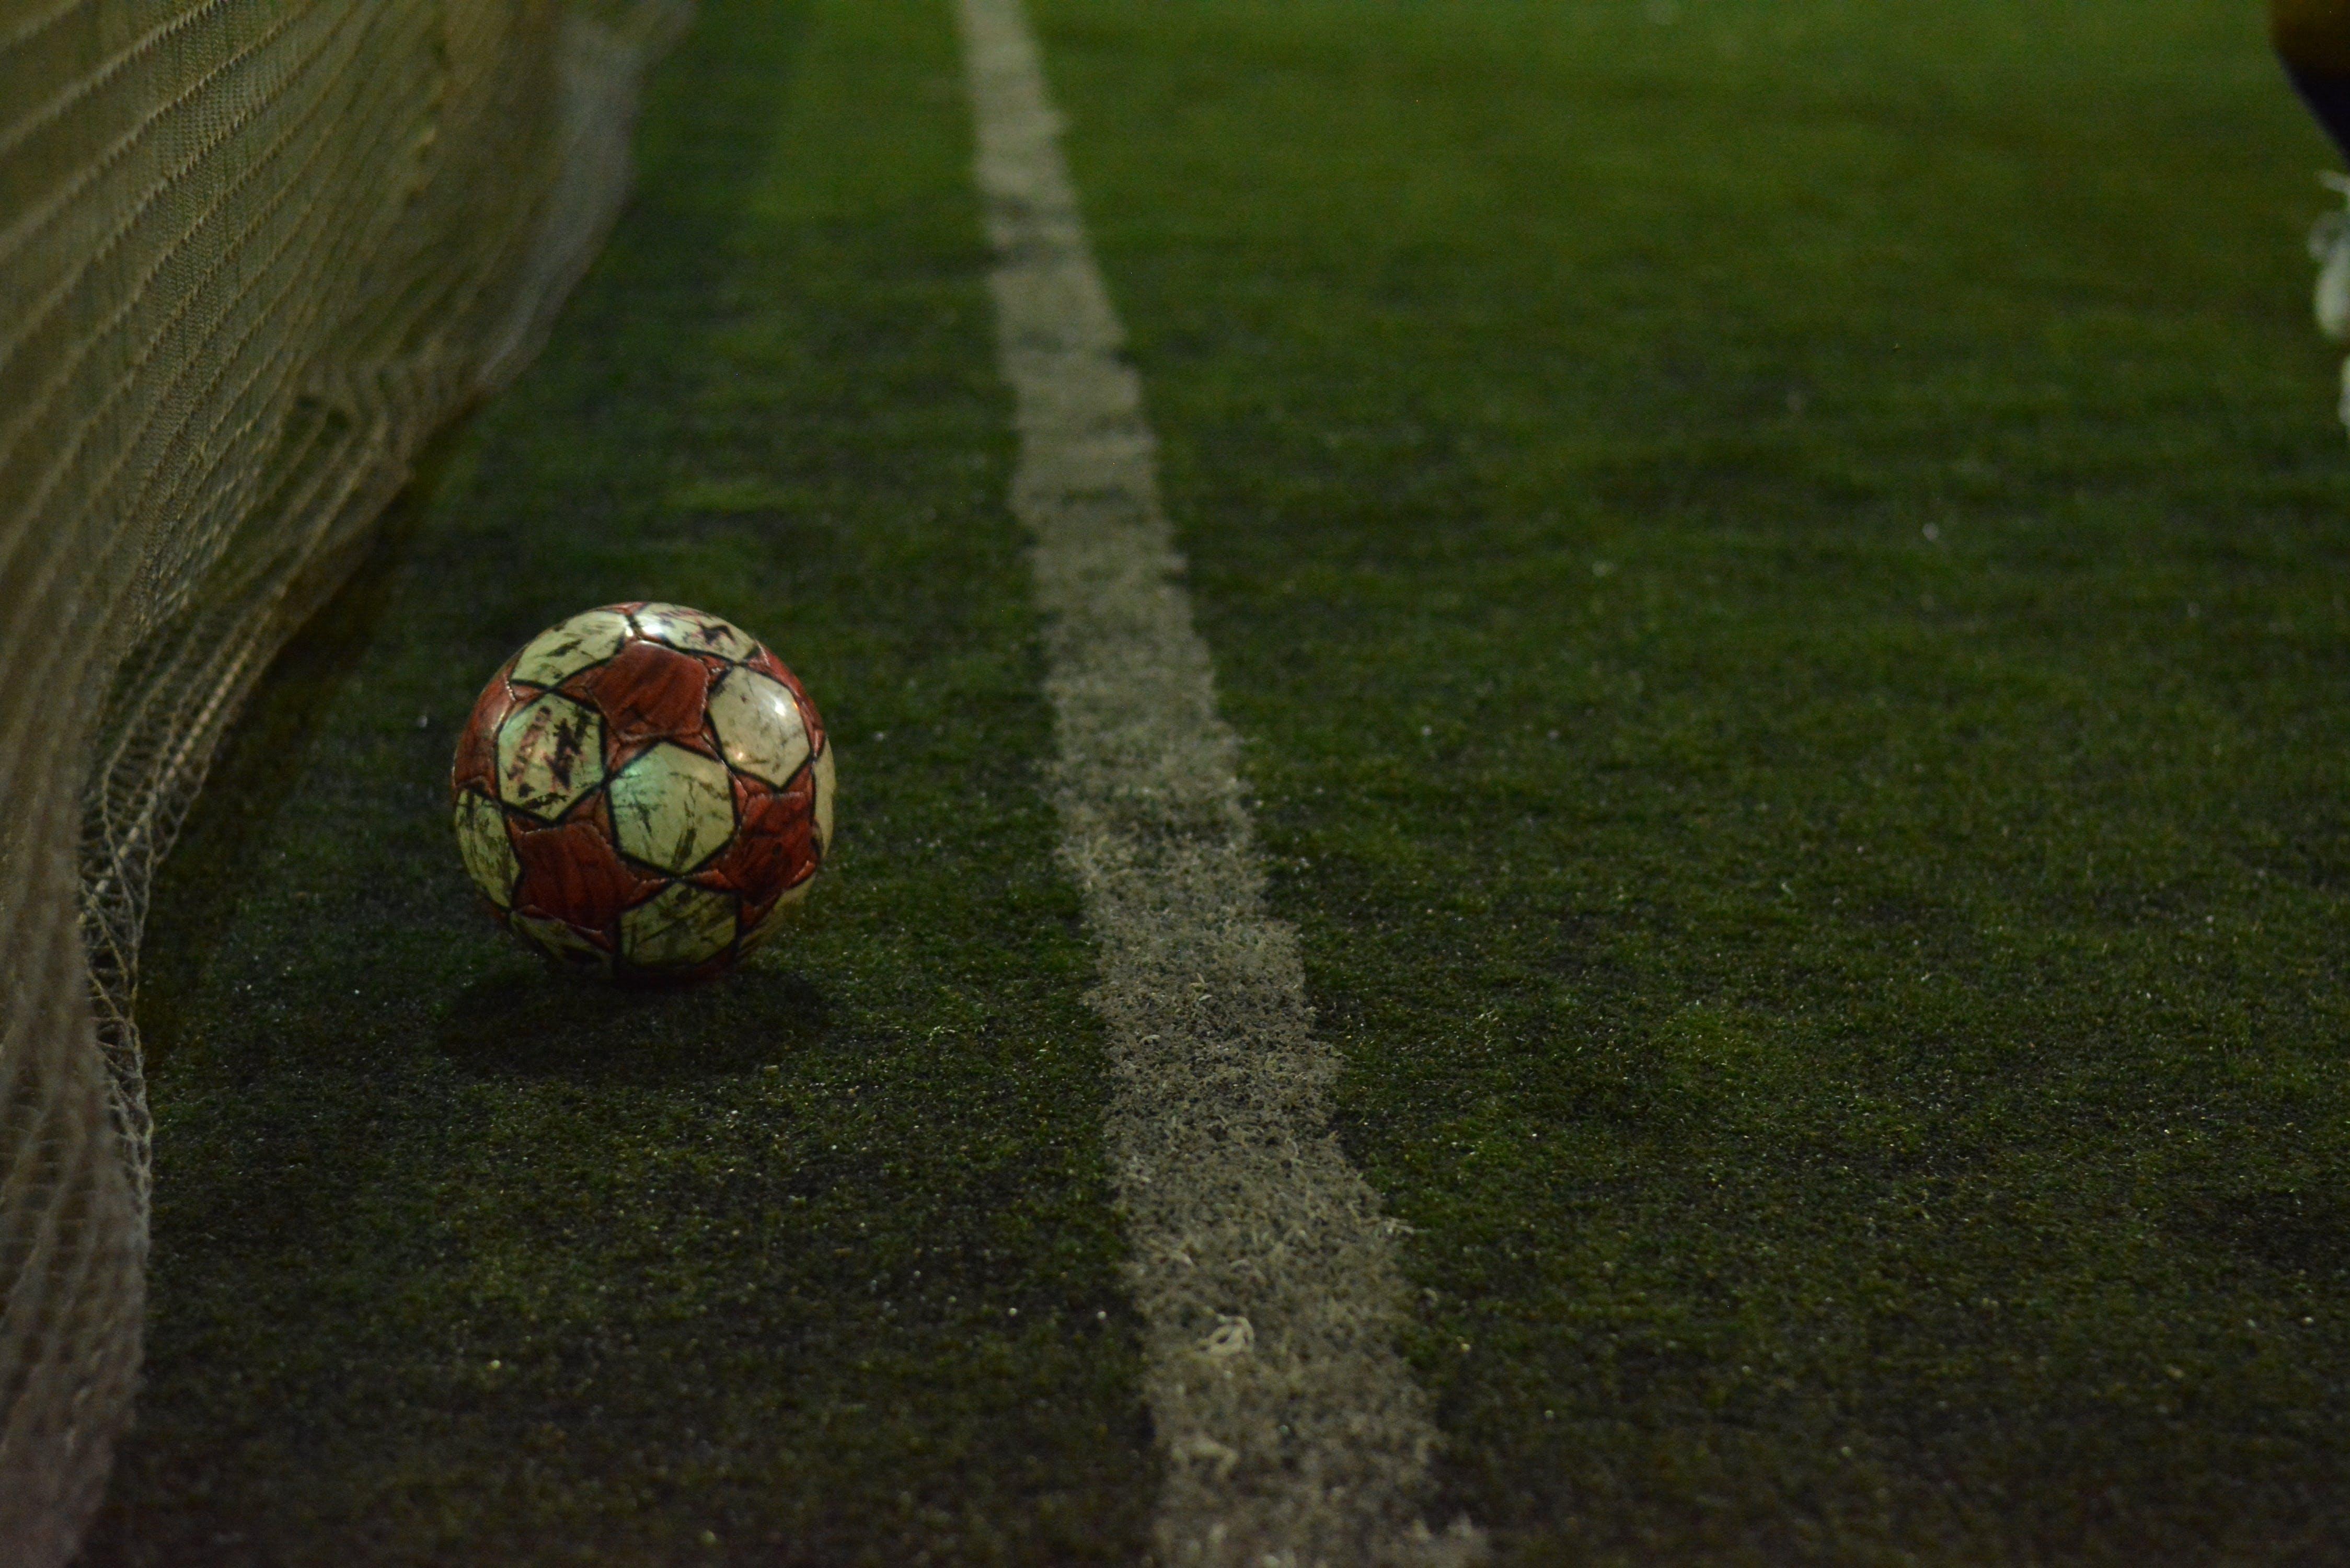 Free stock photo of ball, football, soccer, soccer girl